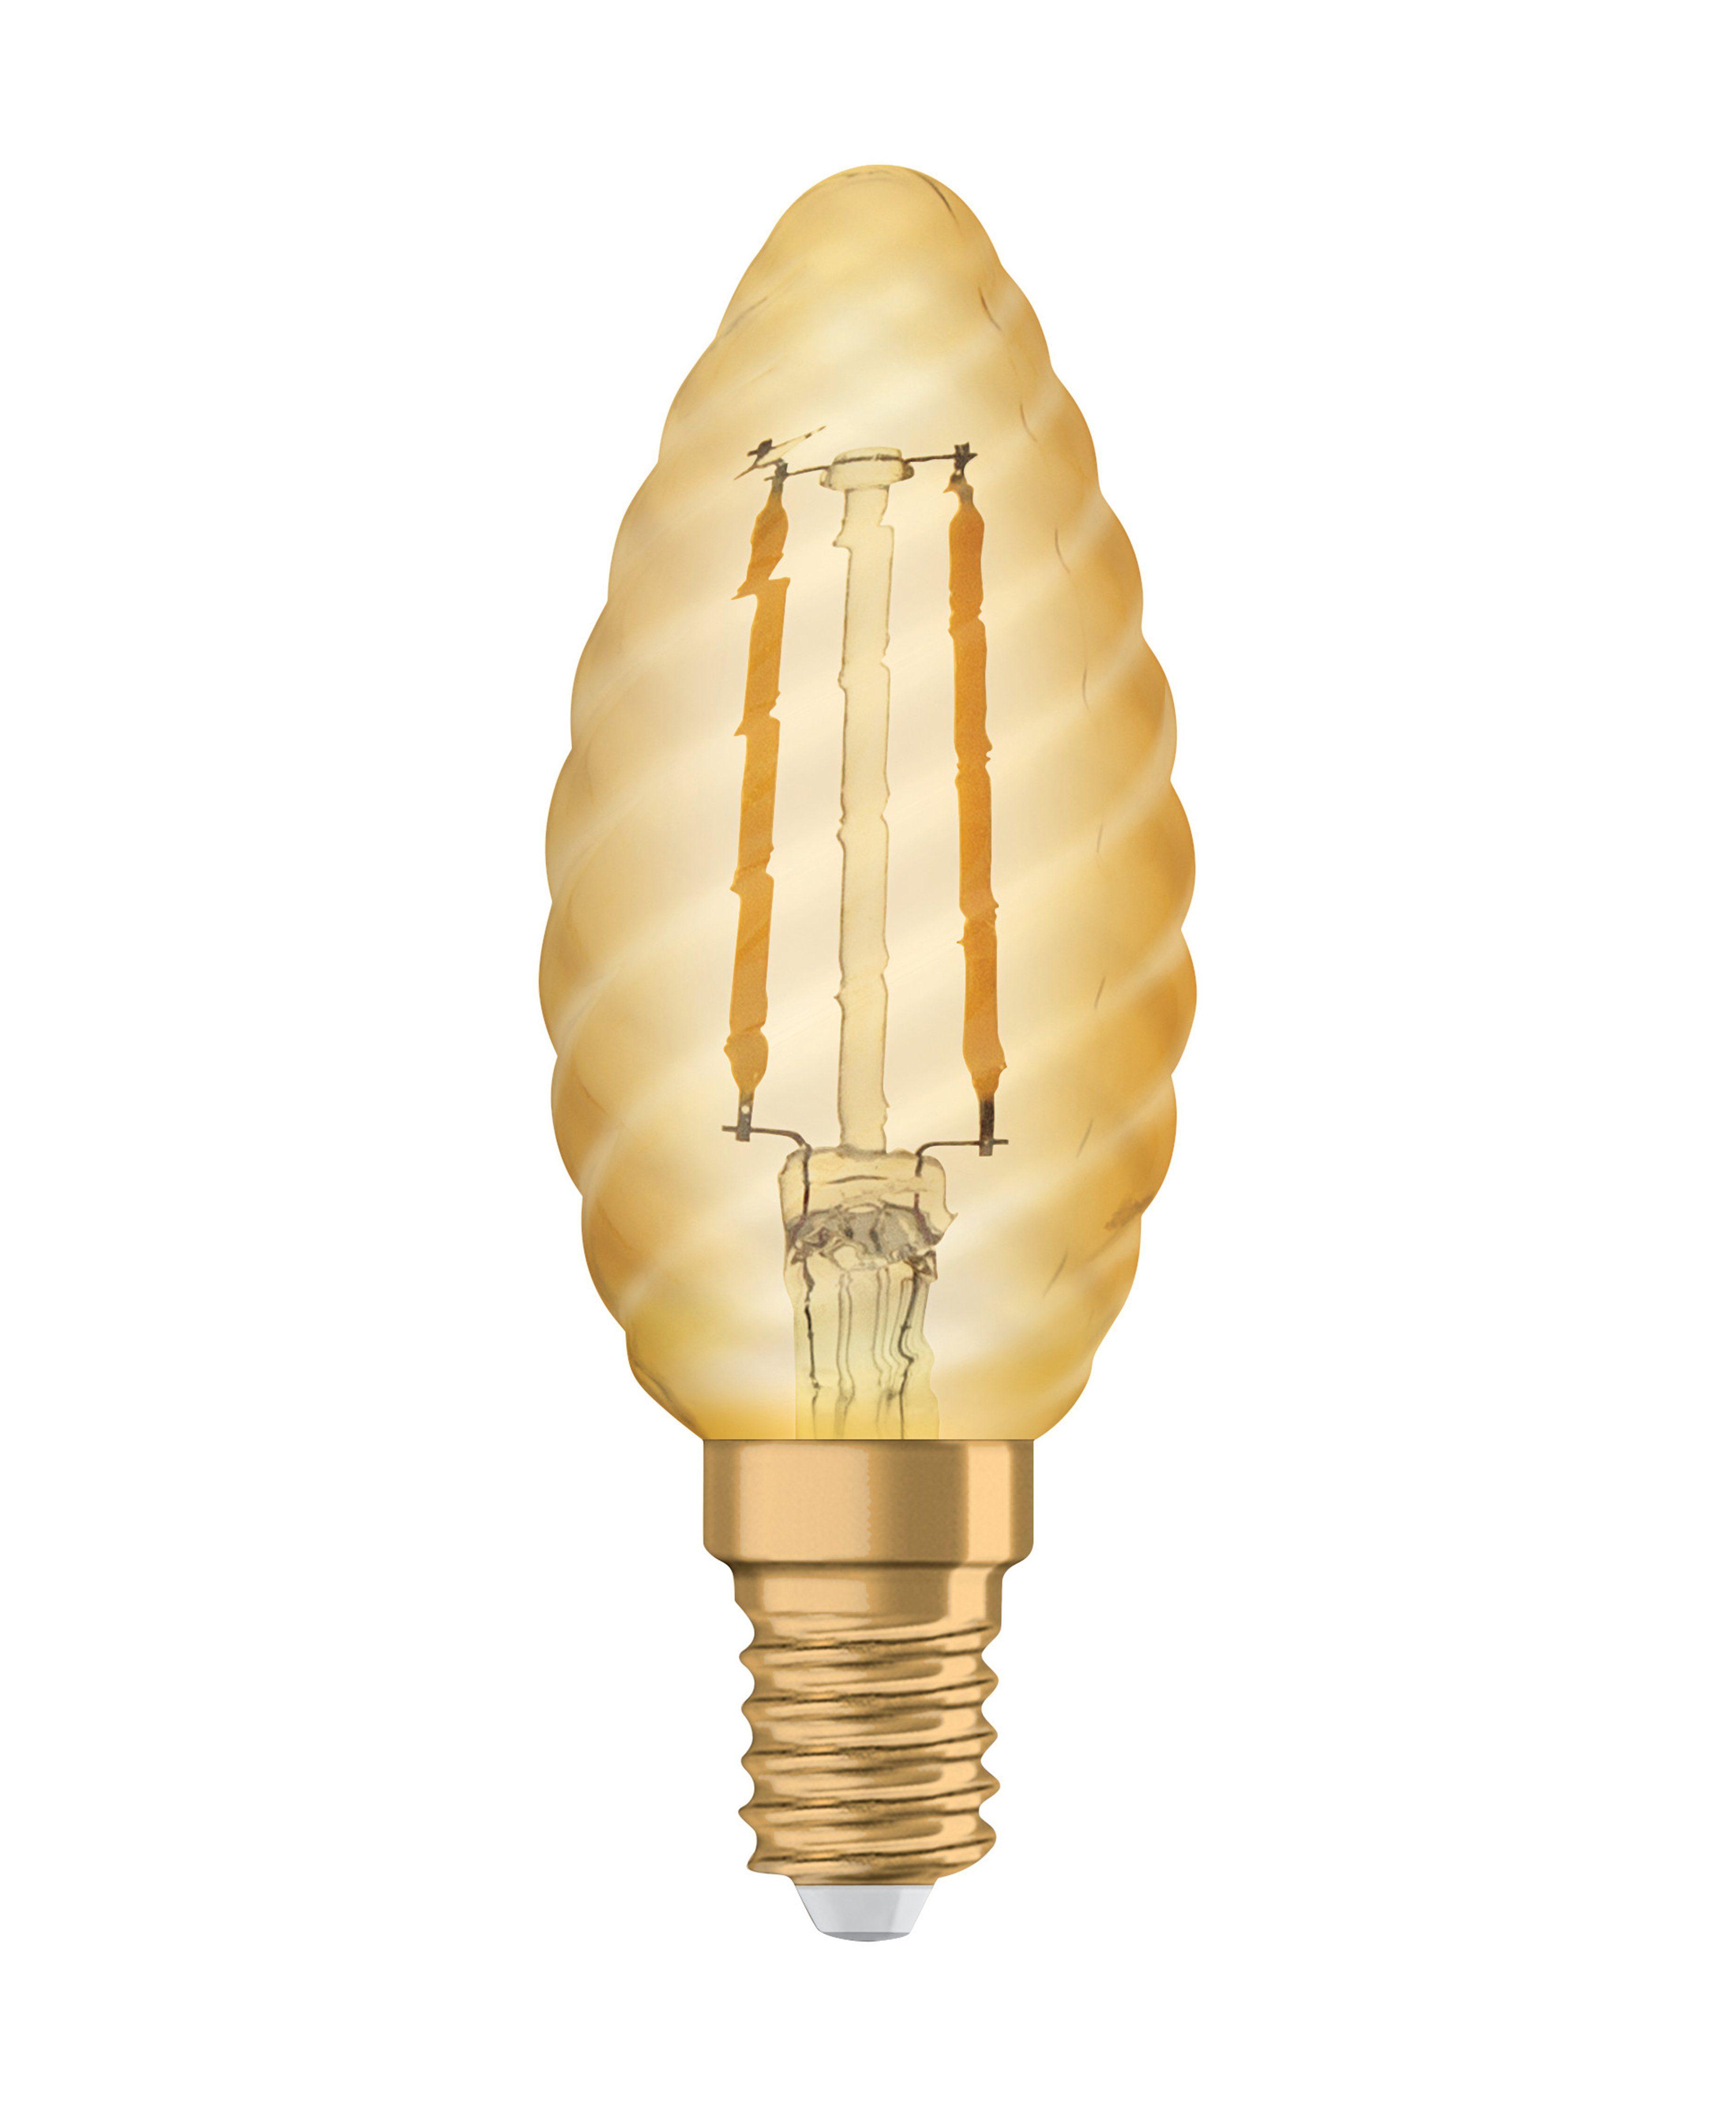 Osram LED-Lampe, Vintage-Edition, Kerze gedreht »Vintage 1906 LED 12 1.4 W/825 E14 GOLD«